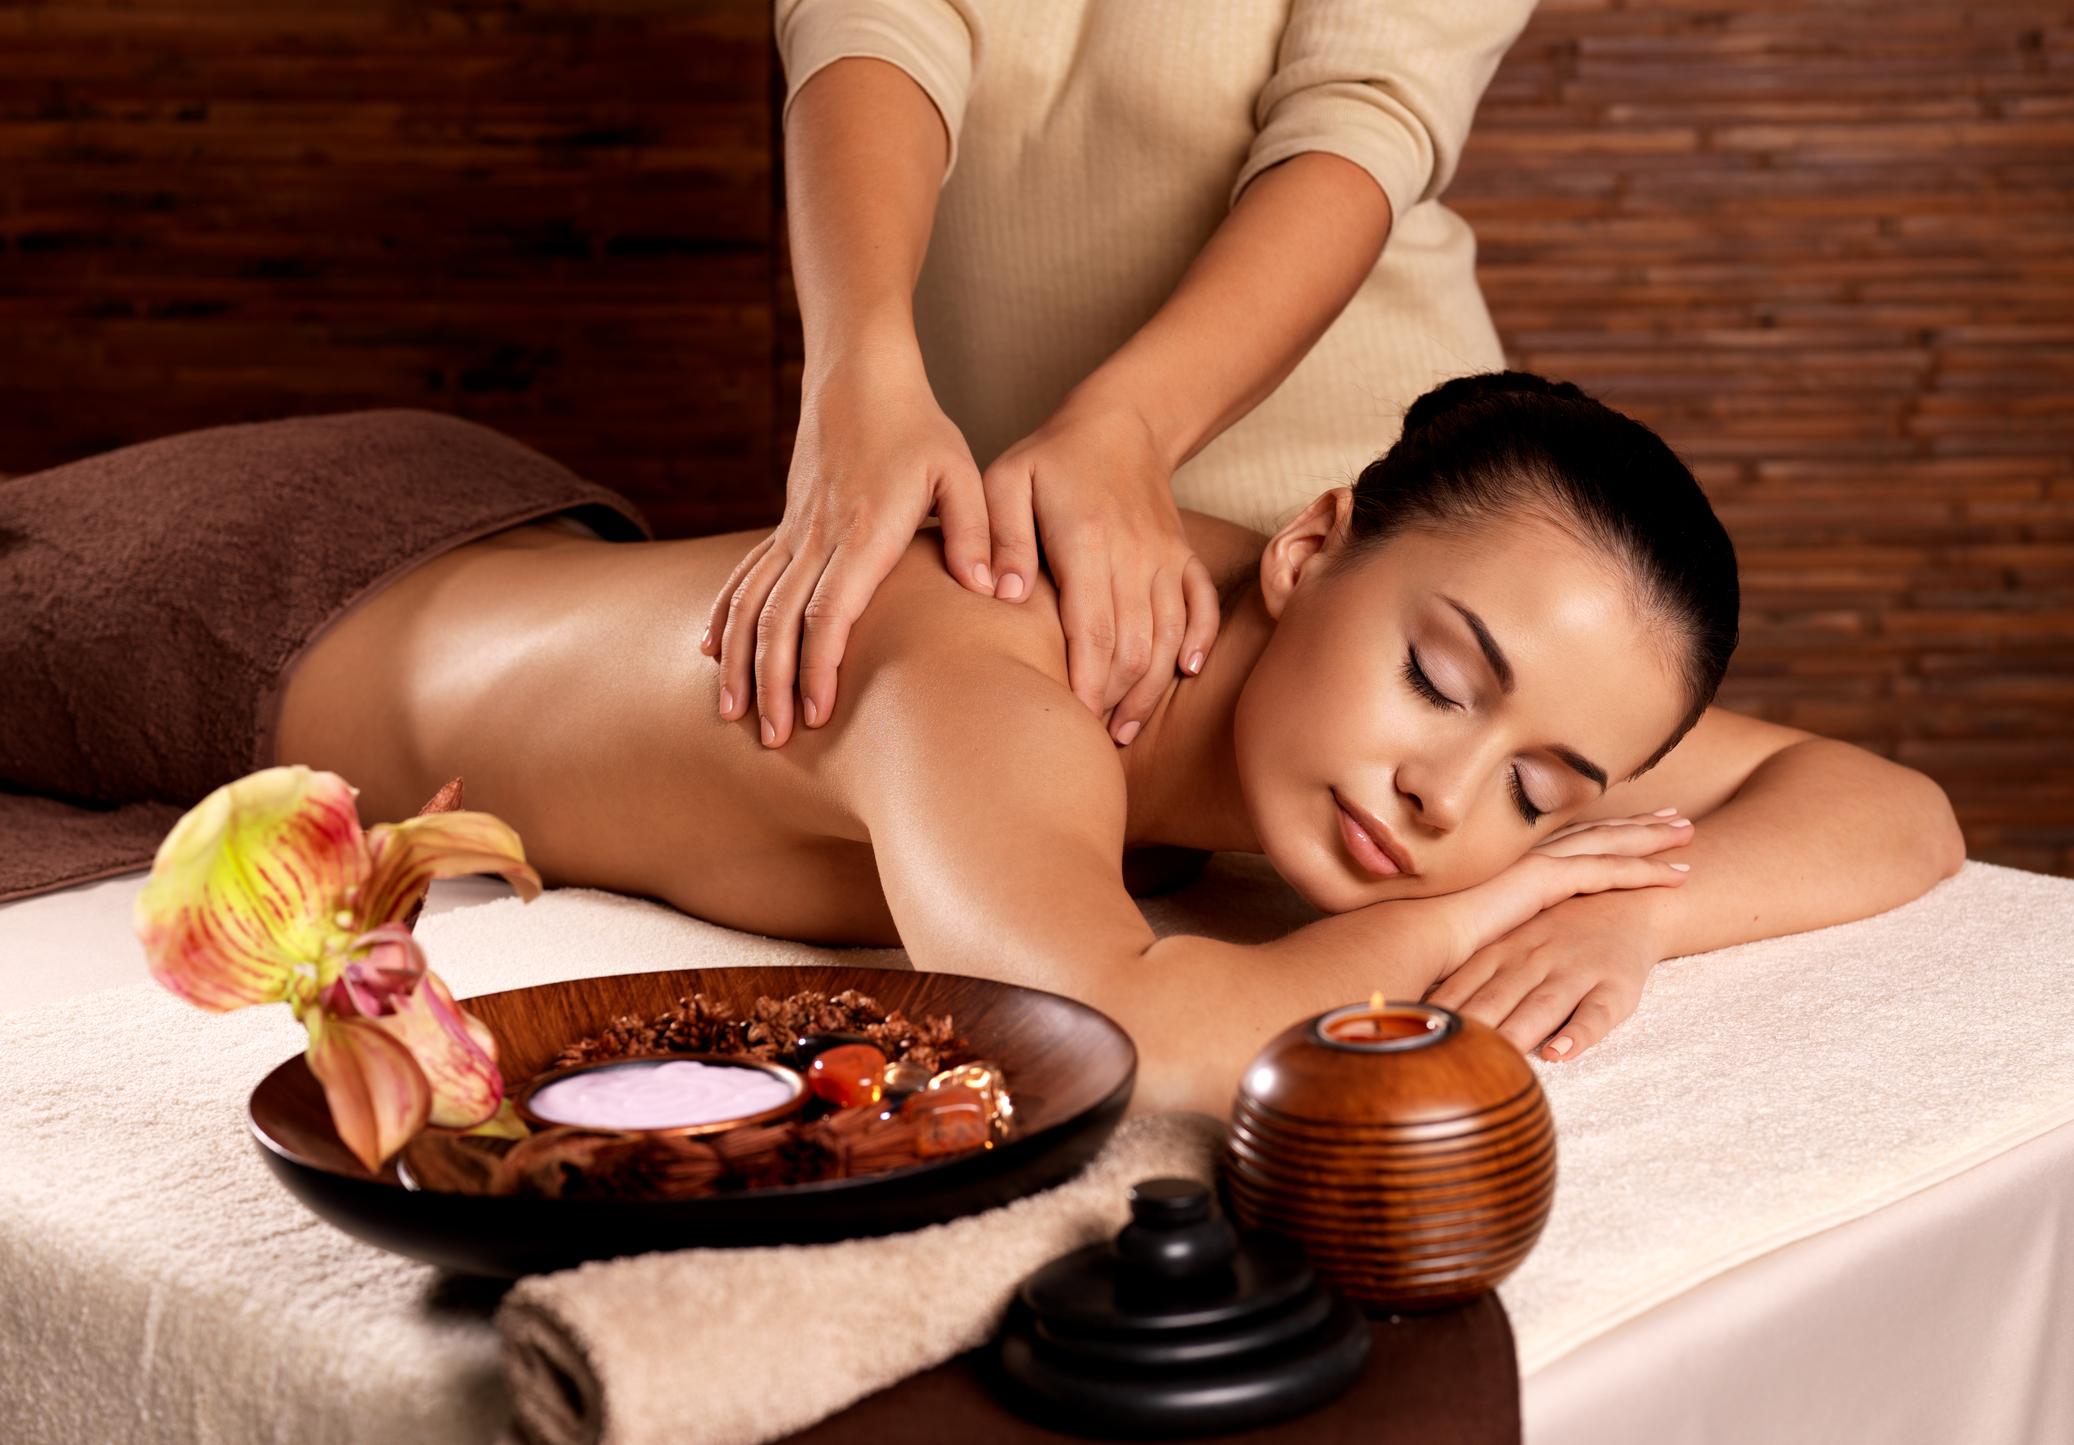 Massage in Hot Springs, Arkansas